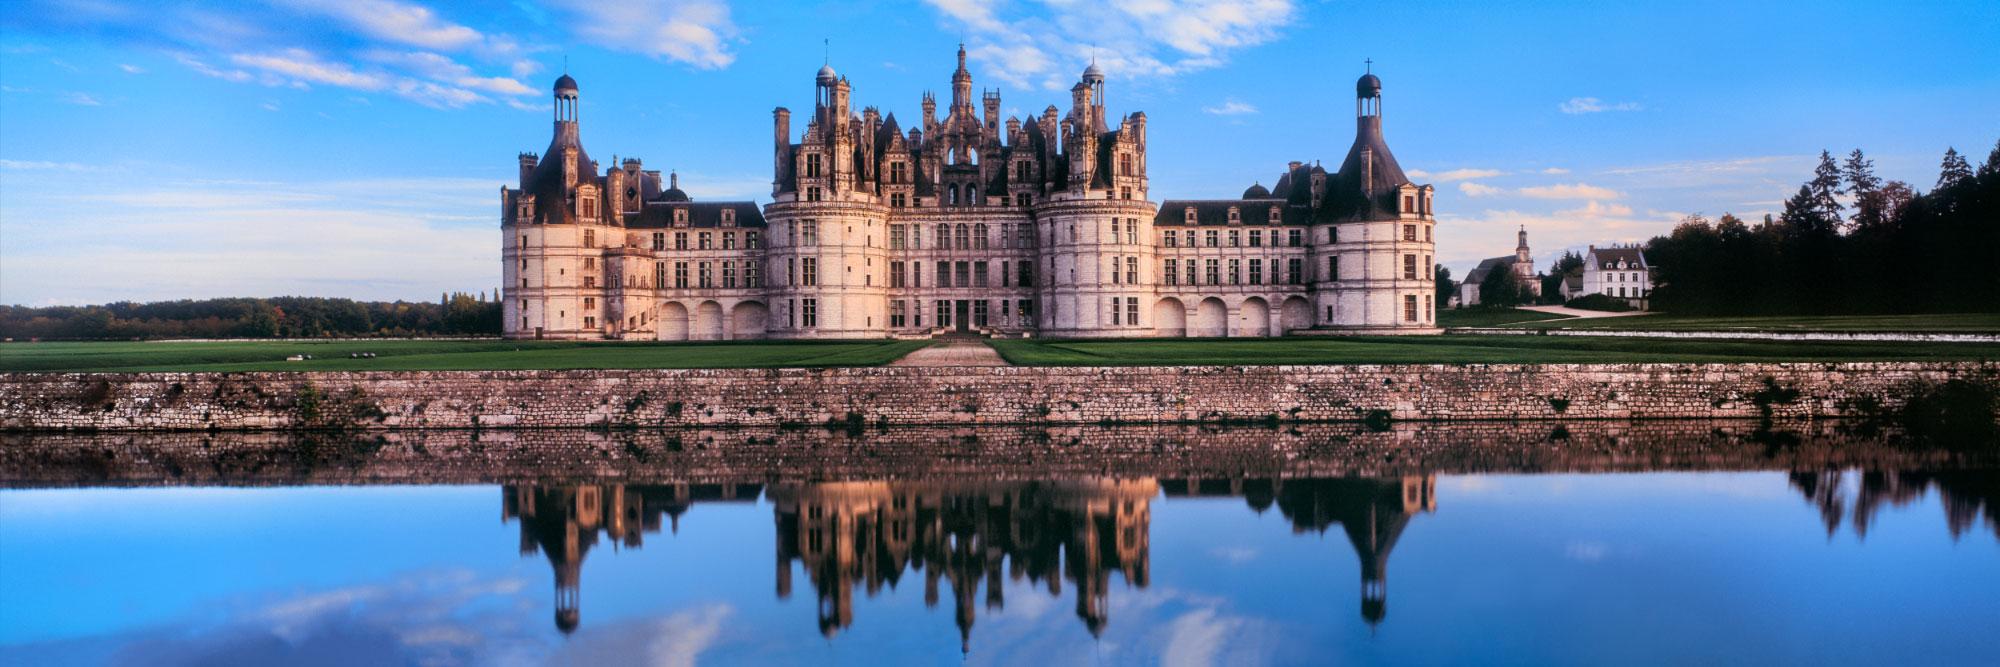 Le plus vaste des châteaux de la Loire, Chambord